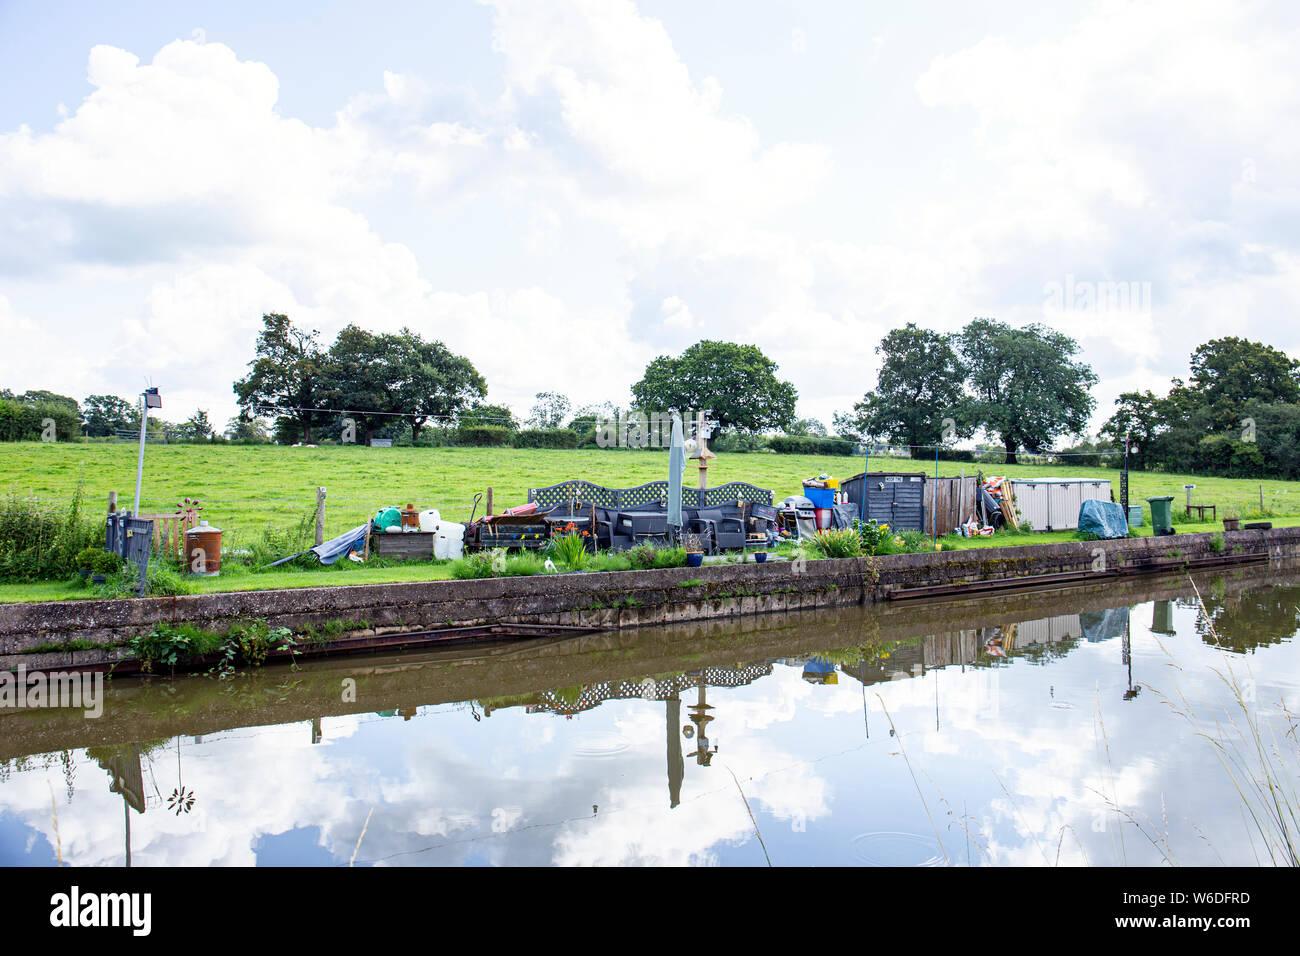 Reservierter Liegeplatz Platz für einen schmalen Boot genannt Moor Zeit mit eigenem Garten, und Messe, auf der Trent und Mersey Canal in Cheshire UK Stockfoto